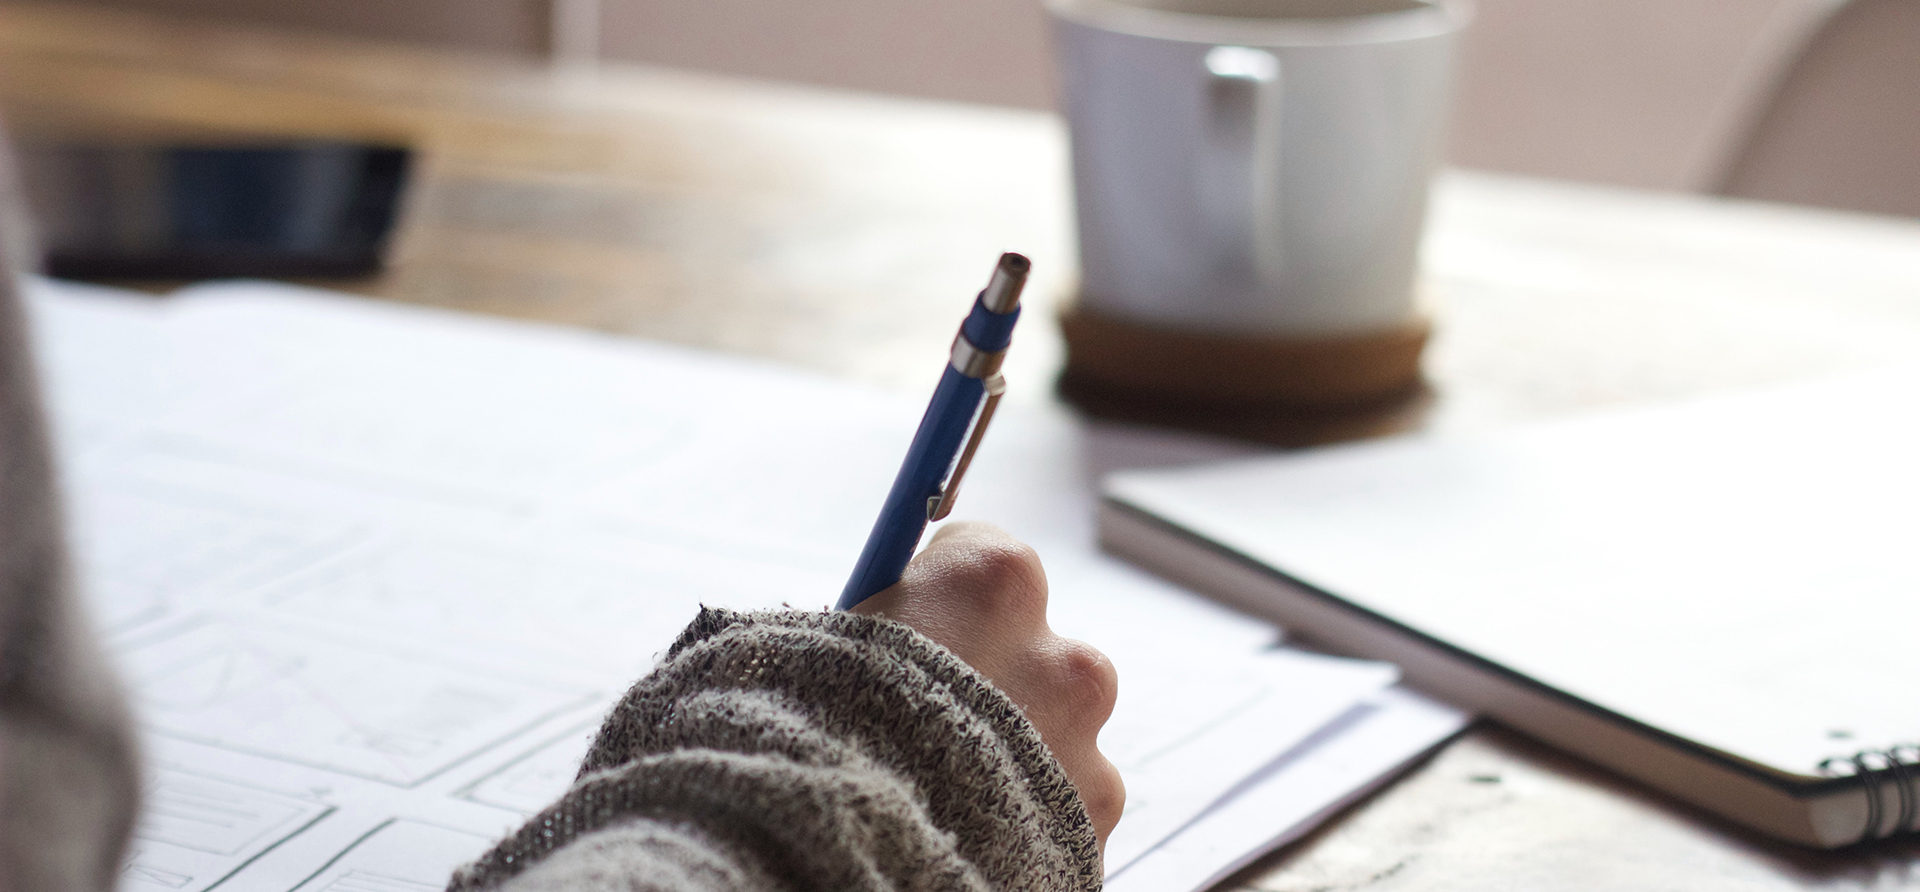 Henkilö kirjoittaa kynällä paperille. Taustalla on kahvikuppi.